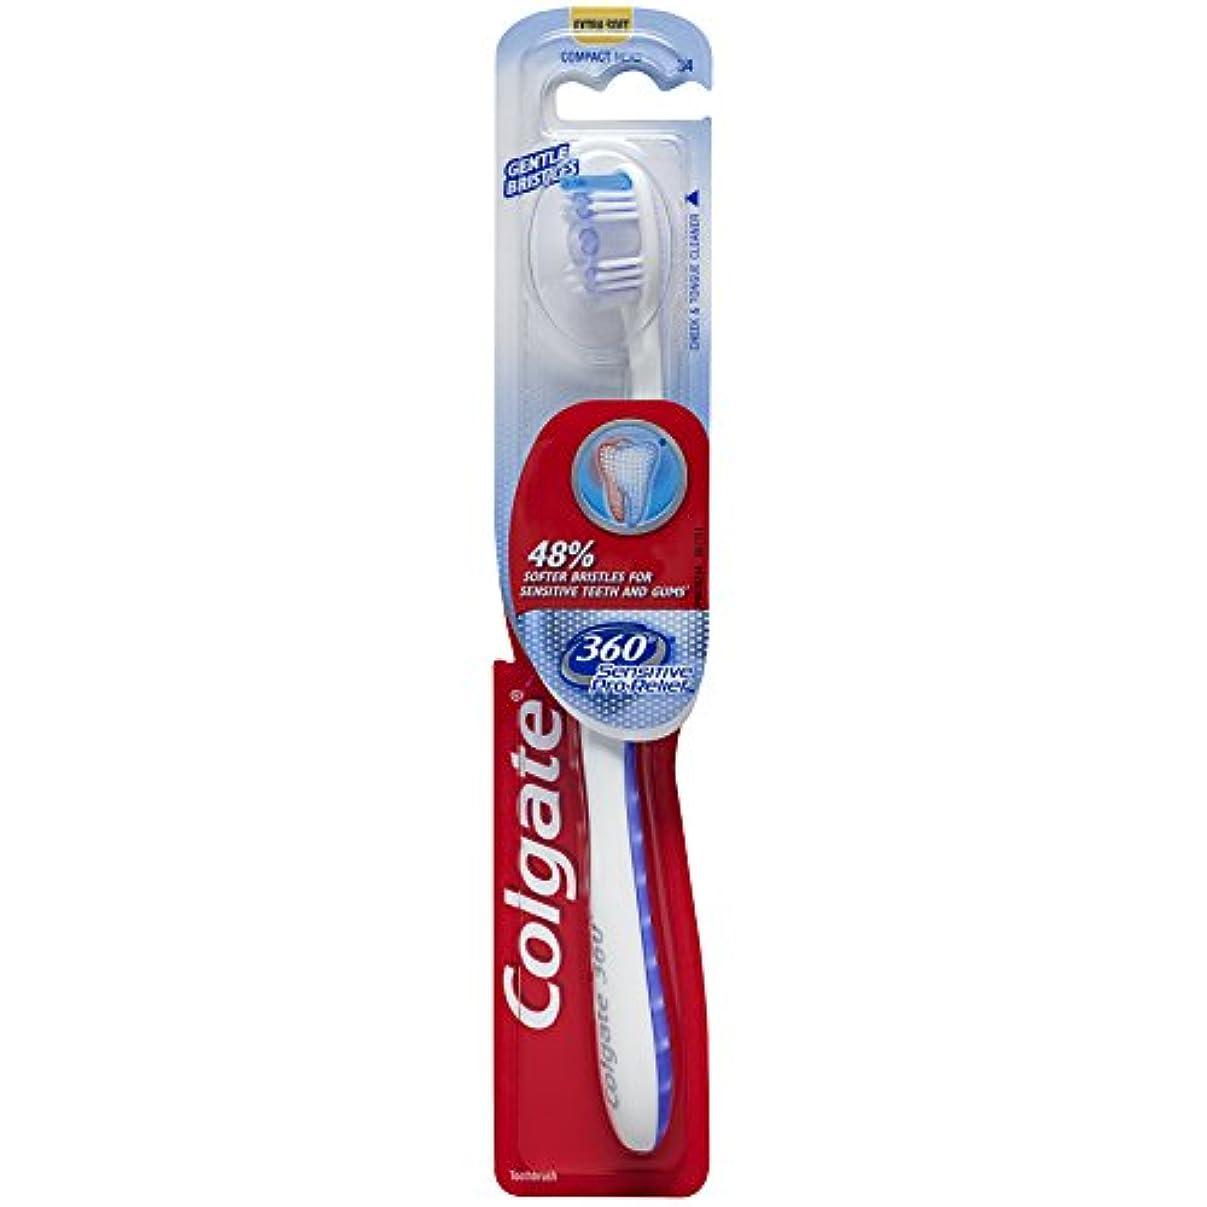 ブラケット逮捕スマートColgate 360機密性の高いプロの救済スリム歯ブラシ、エクストラソフト(色は異なります)